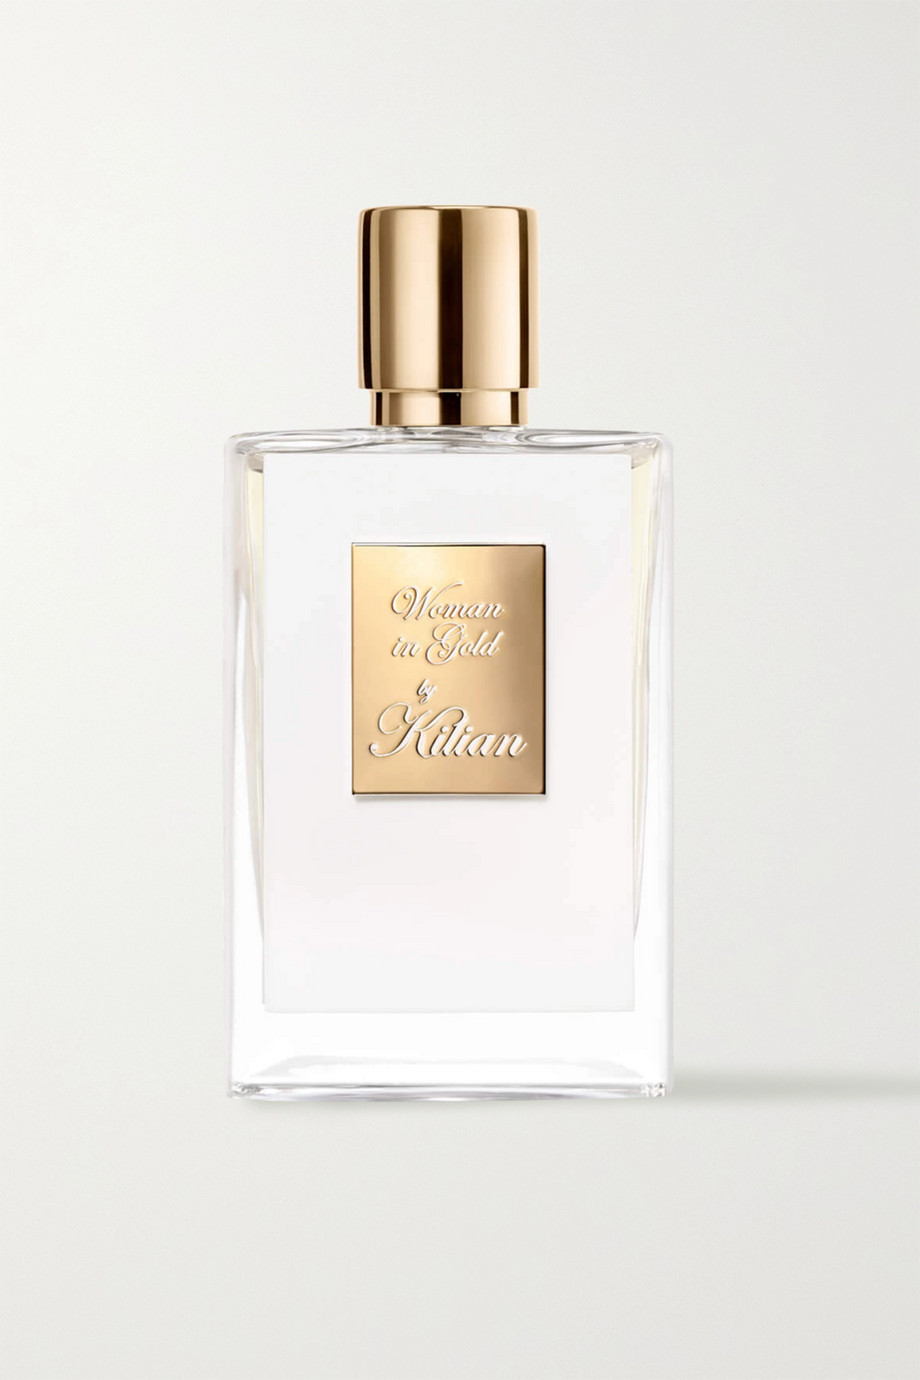 Kilian Woman in Gold – Bergamotte, Mandarine & Aldehyde, 50 ml – Eau de Parfum